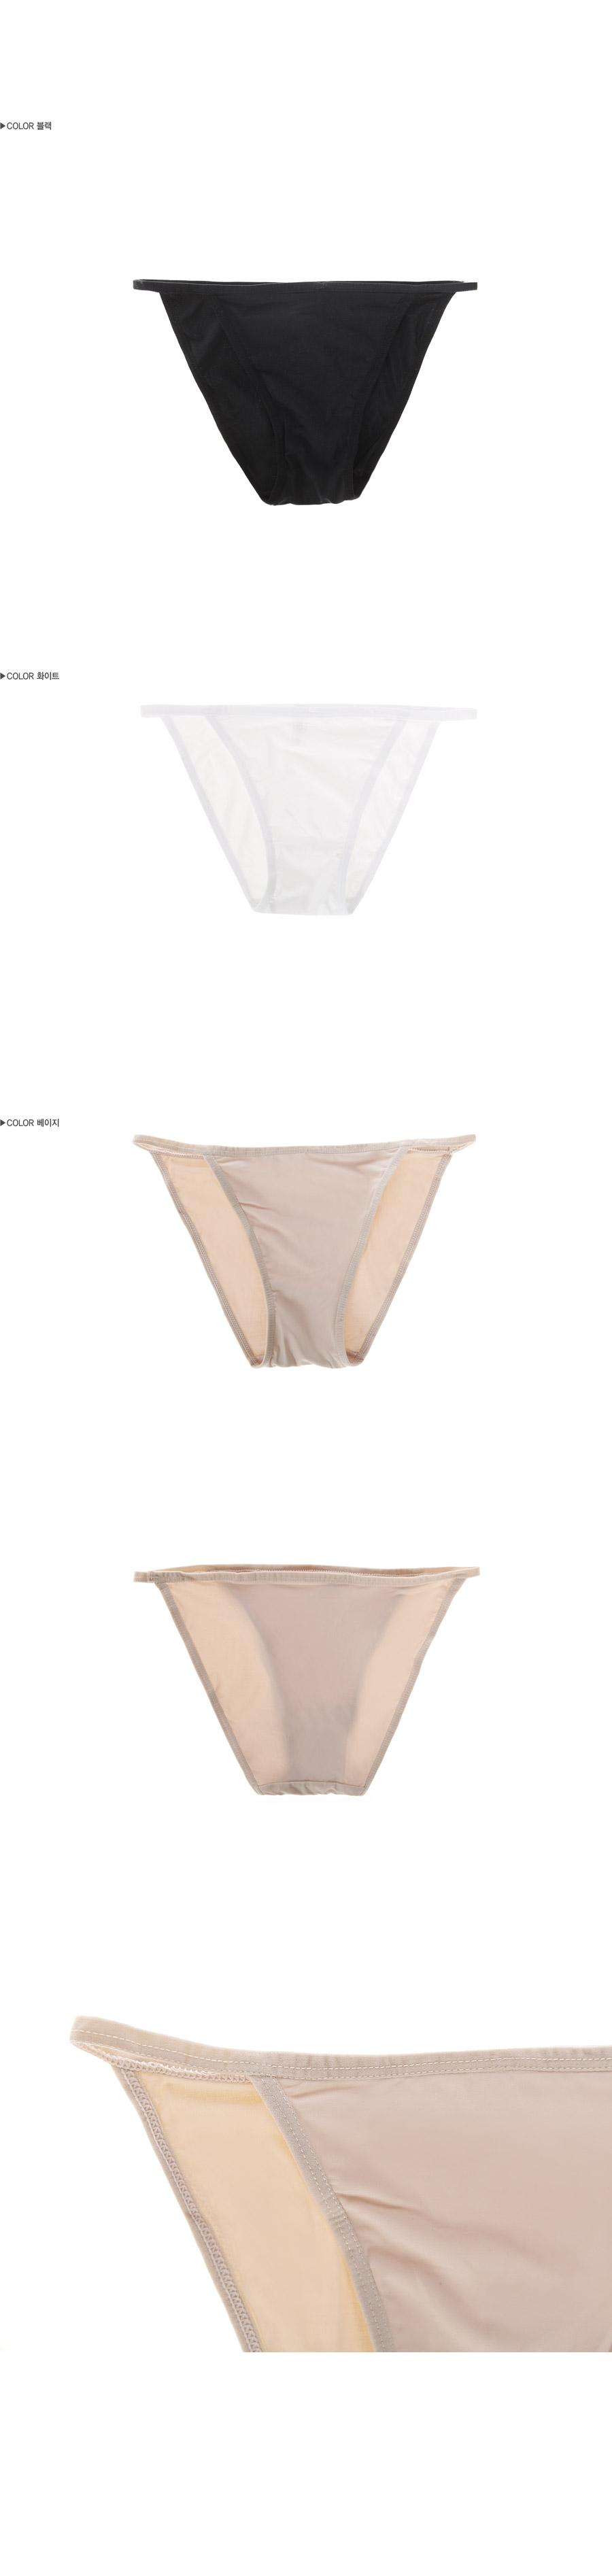 Bikini inner pantie